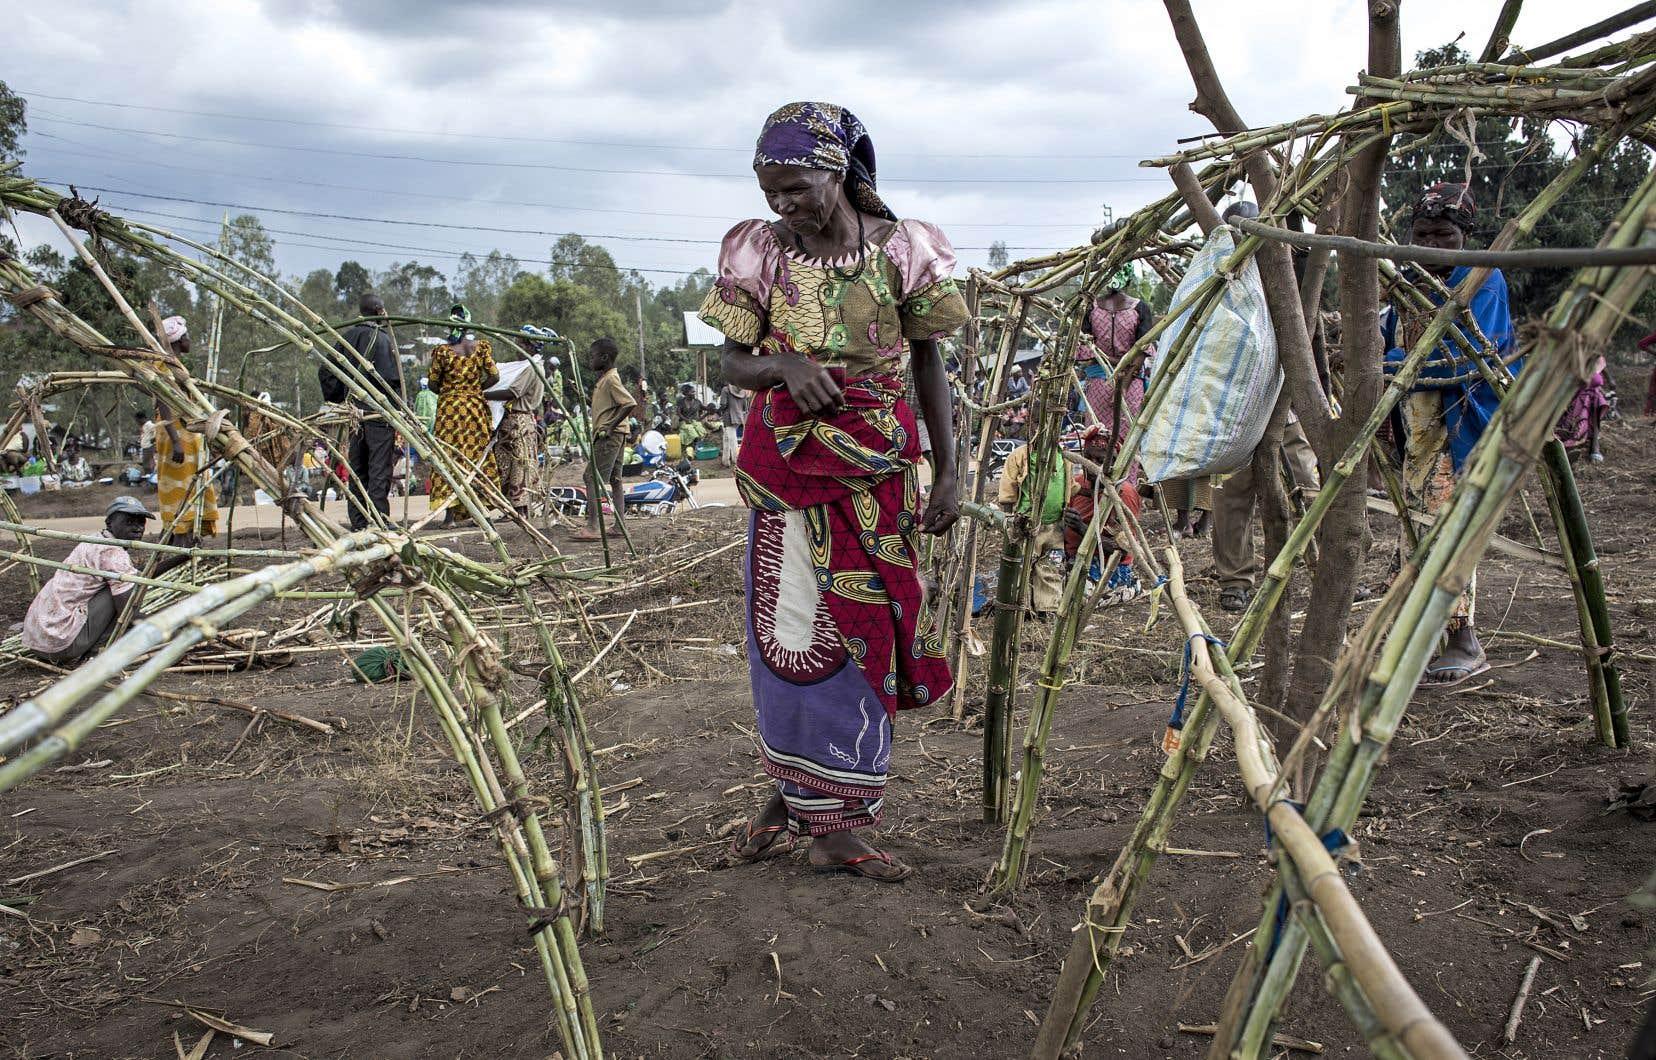 Les violences actuelles en Ituri sont concentrées autour de Djugu, au nord-est de la capitale provinciale Bunia. Elles ont provoqué le déplacement d'environ 200000 personnes depuis décembre.